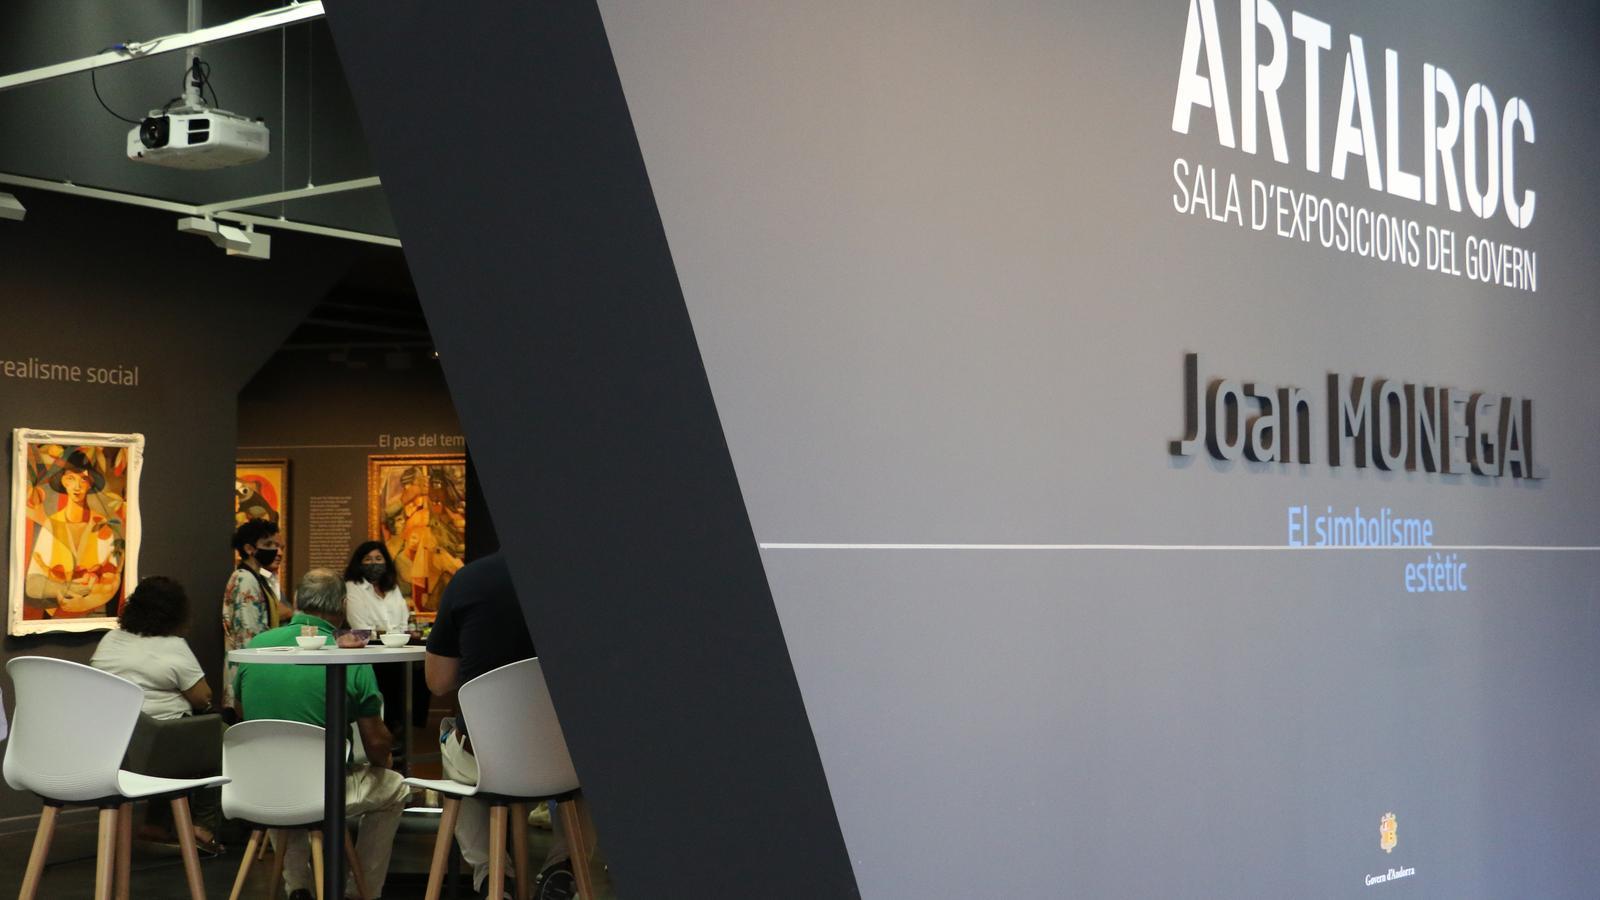 La sala d'exposicions Artalroc desapareix amb el tancament de la darrera proposta. / E.C. (ANA)